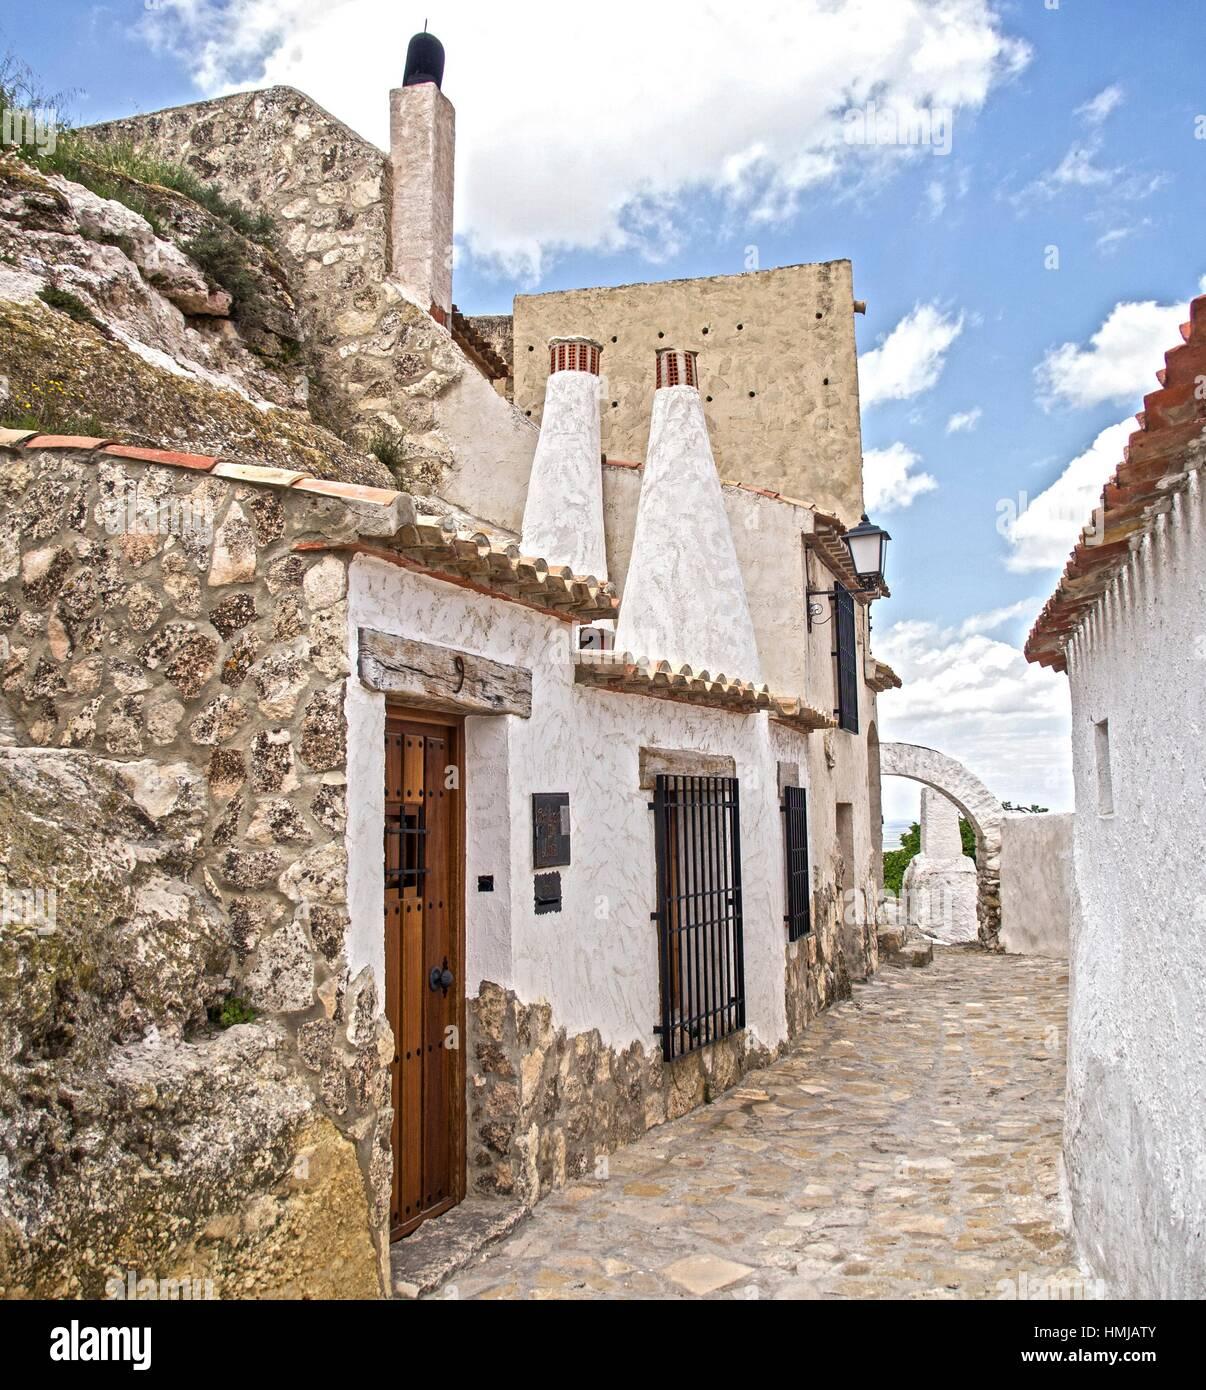 Casas cueva del agujero chinchilla de montearag n albacete espa a stock photo royalty free - Casas de citas en albacete ...